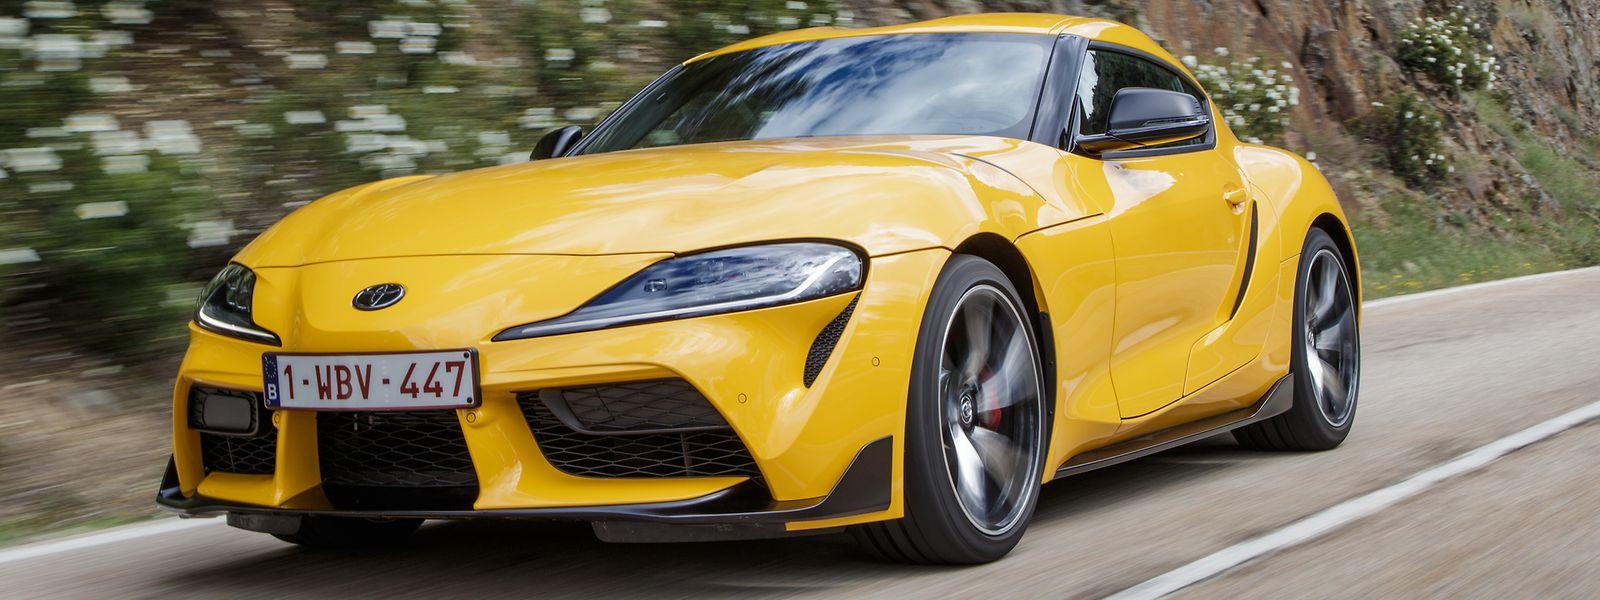 Der 250 kW (340 PS) starke Toyota GR Supra will die Herzen der Sportwagen-Fans erobern.